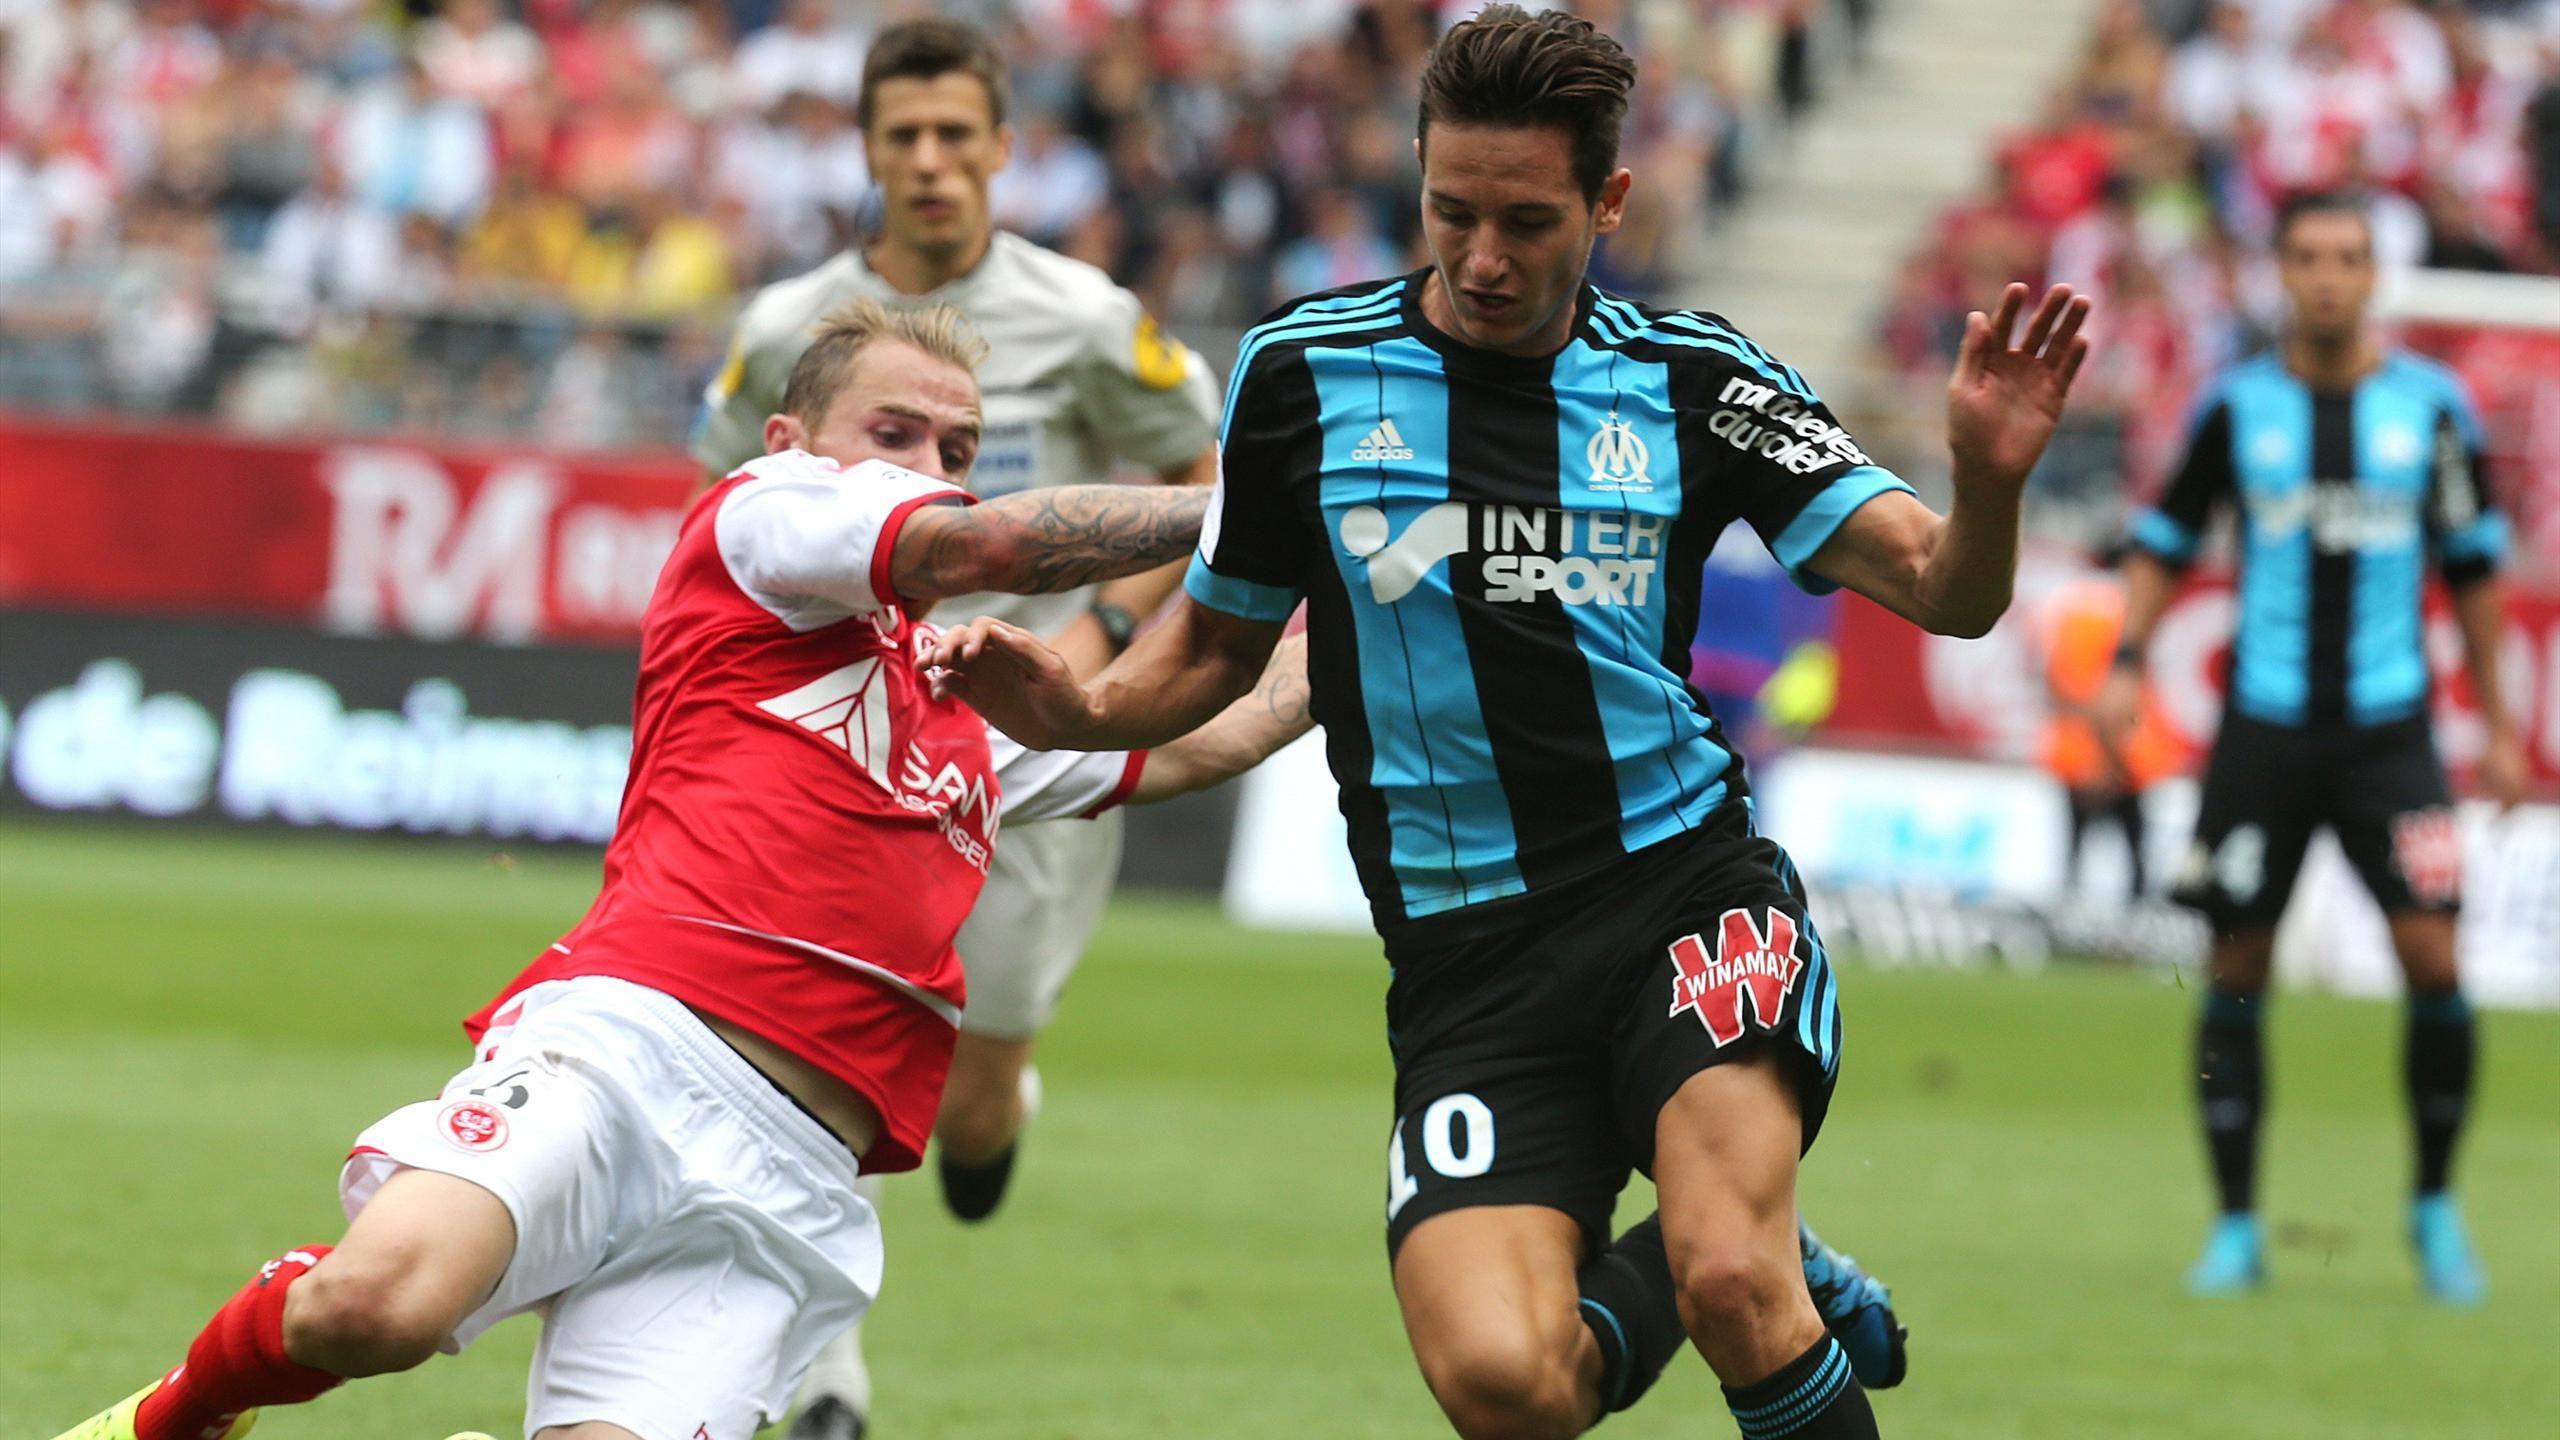 Xem trực tiếp Marseille vs Reims ở đâu, kênh nào?